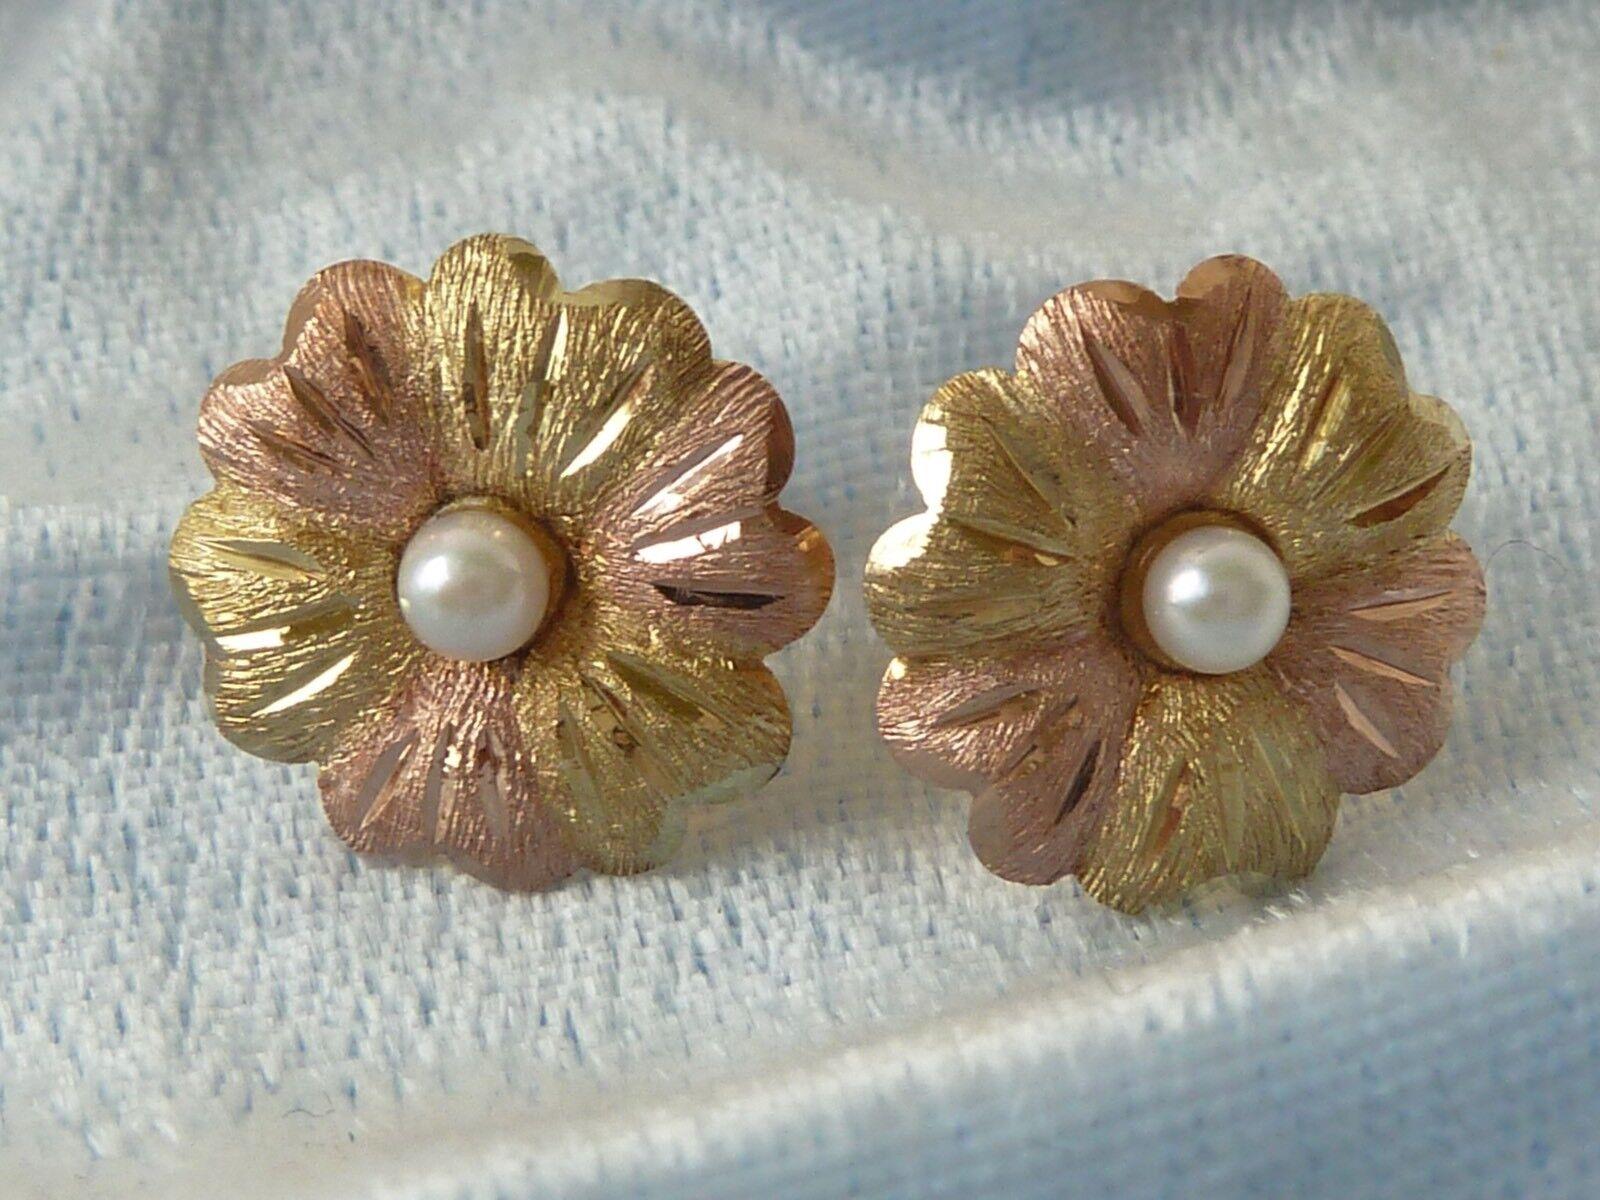 10K Multi-tone gold Post Earrings, 3mm Natural Pearl, 13mm Diameter